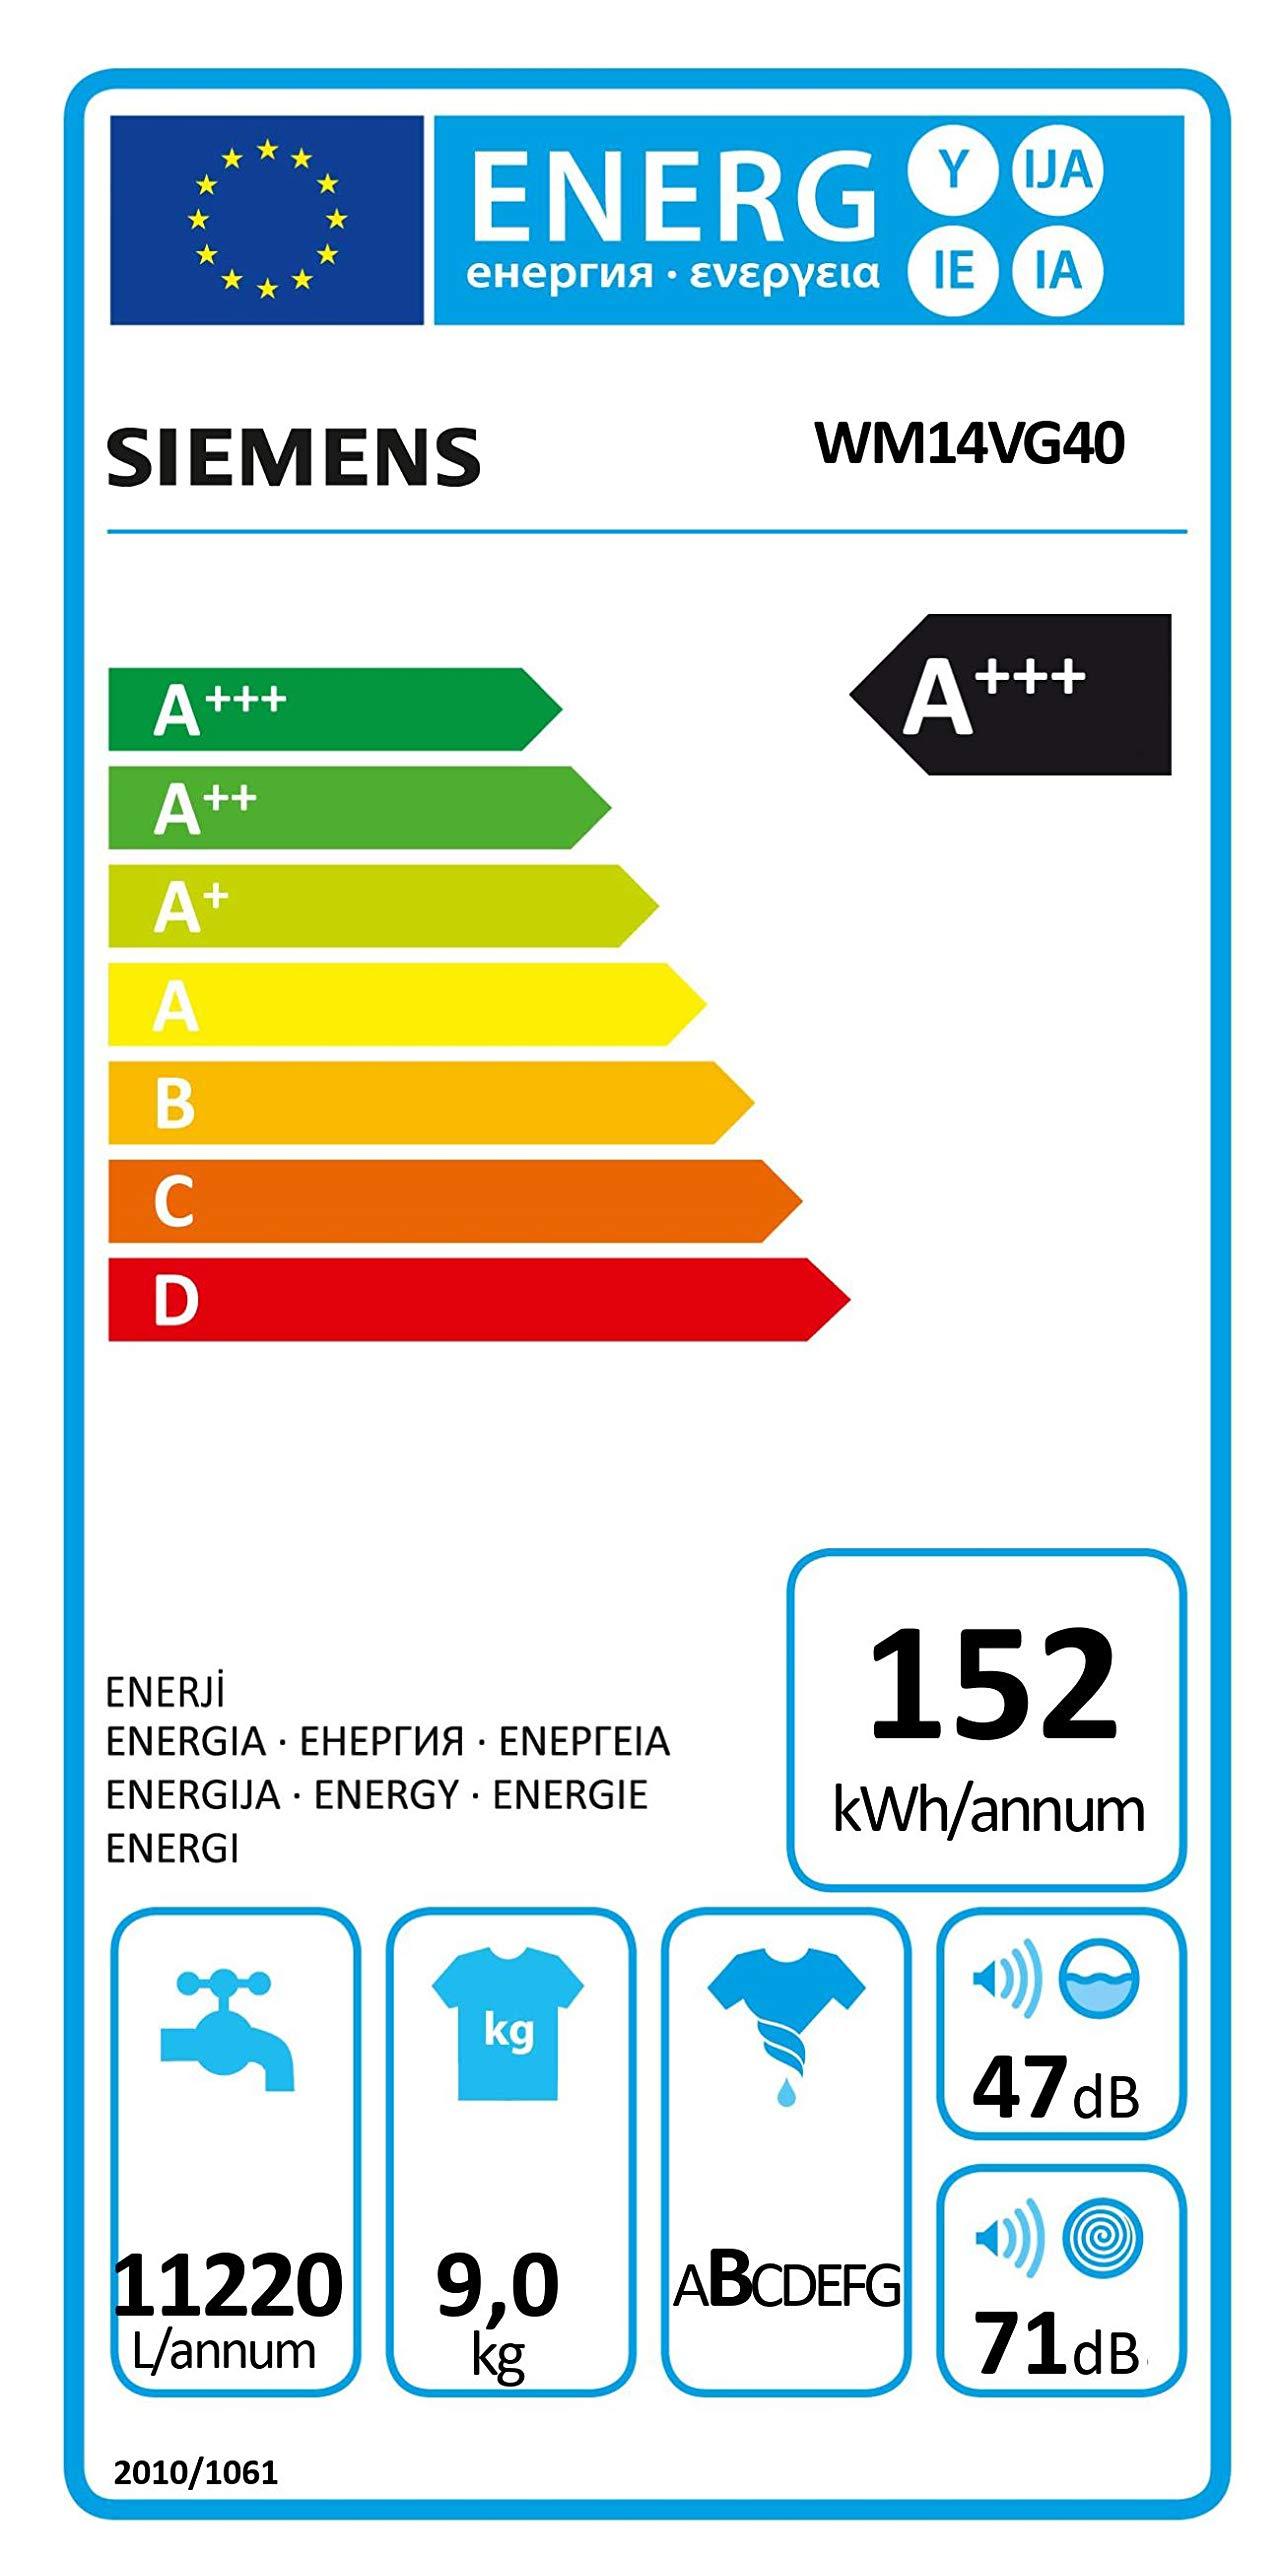 Siemens-IQ800-WM14VG40-Waschmaschine-9-kgA-152-kWh-1400-UminWLAN-fhig-mit-Home-ConnectAntiflecken-SystemSpeedpack-XL-fr-schnelles-Waschen